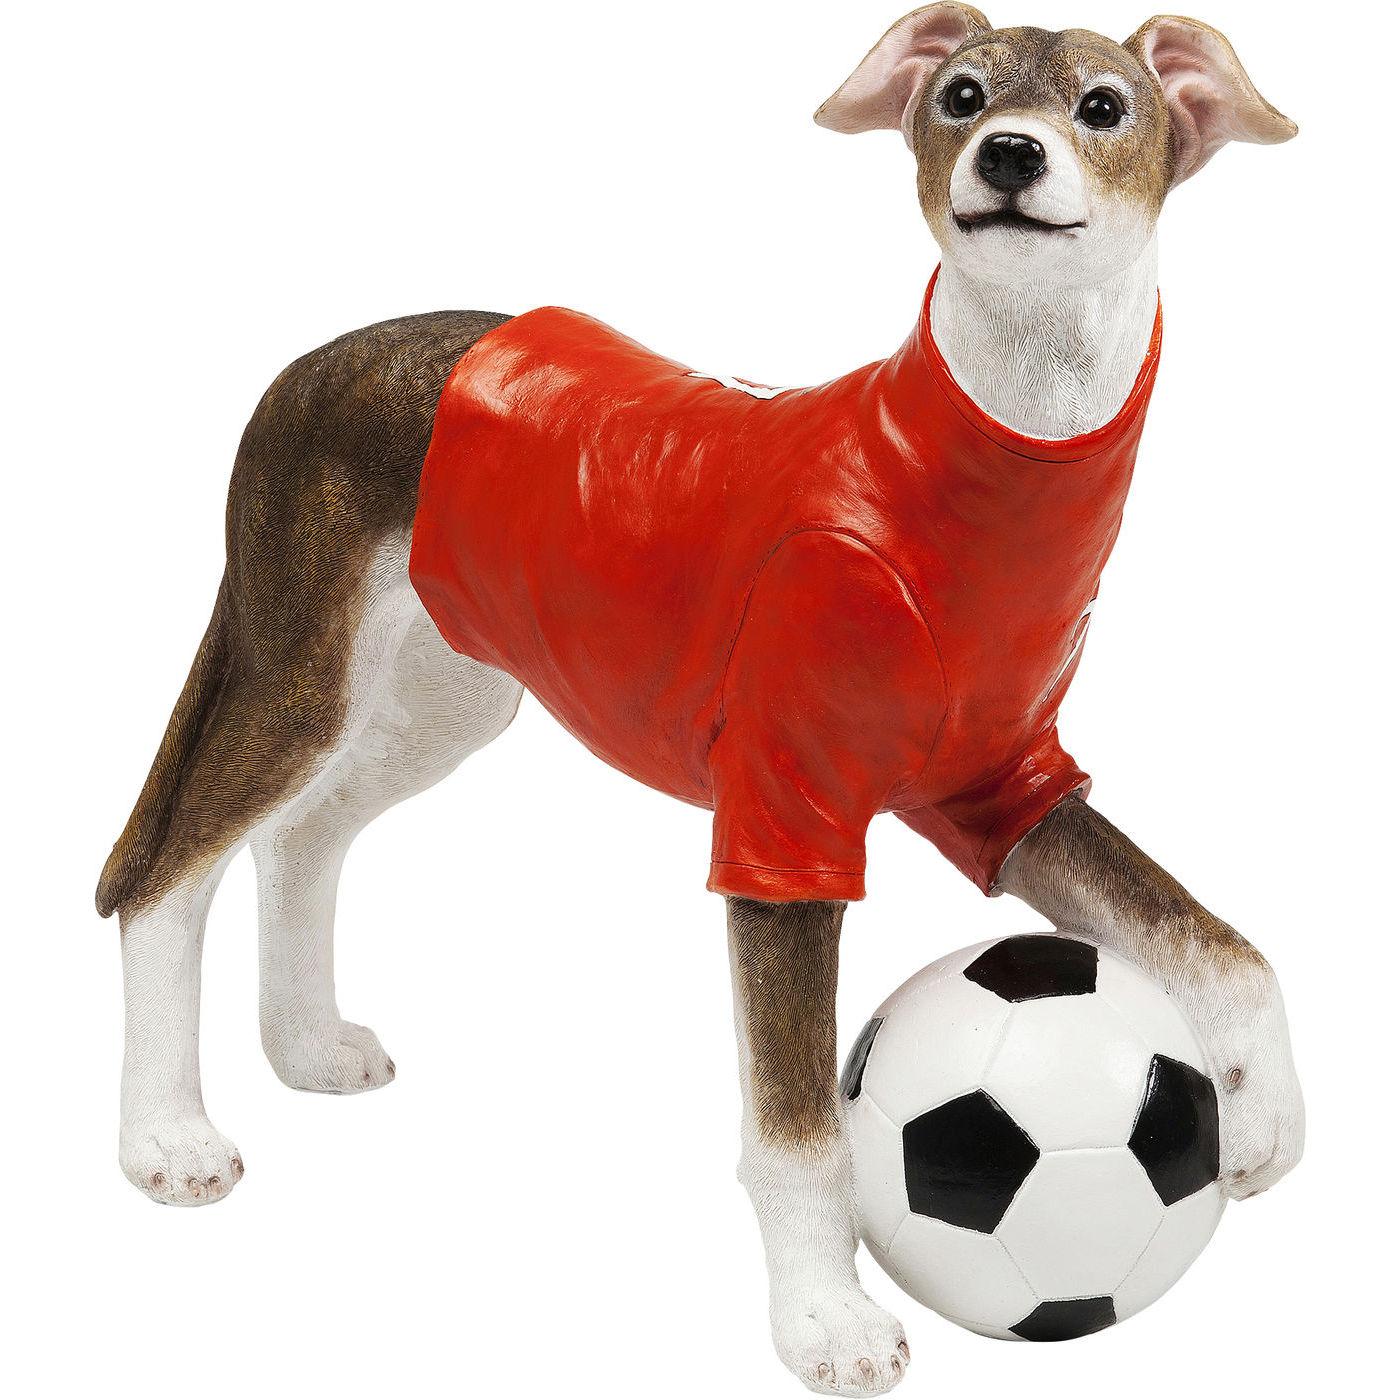 Image of   KARE DESIGN Soccer Dog sparebøsse - brun, hvid, rød/polyresin